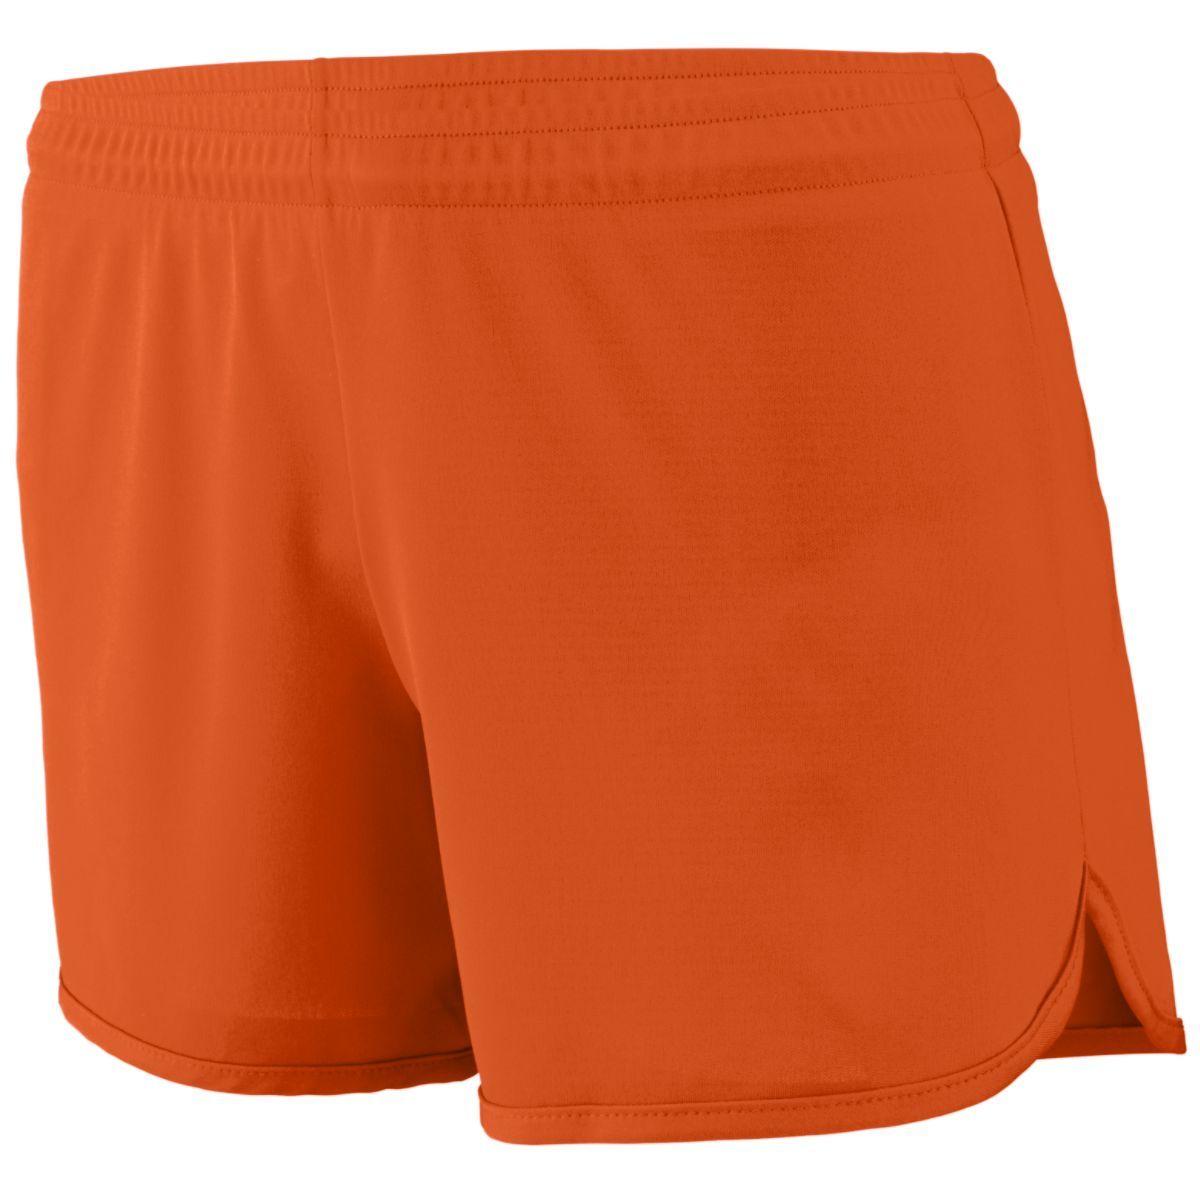 Ladies Accelerate Shorts - ORANGE